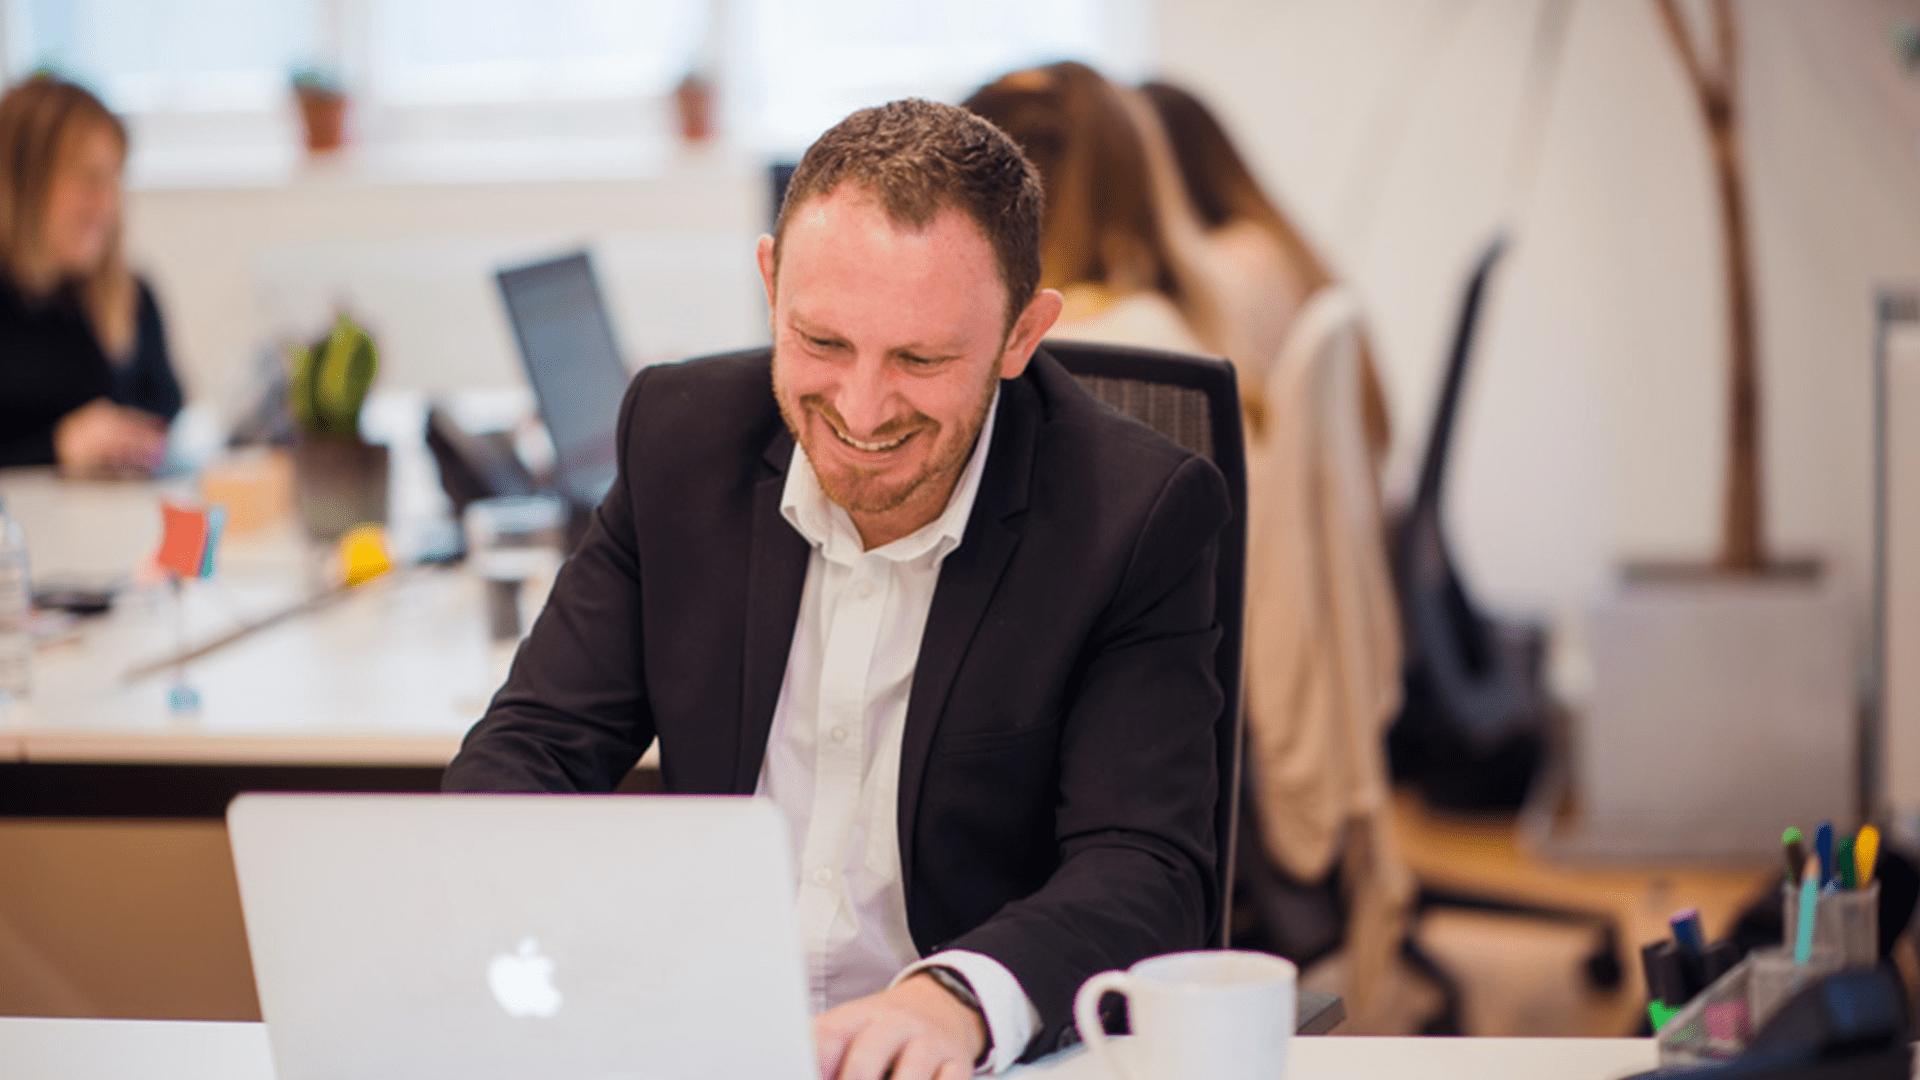 Maz Client Services